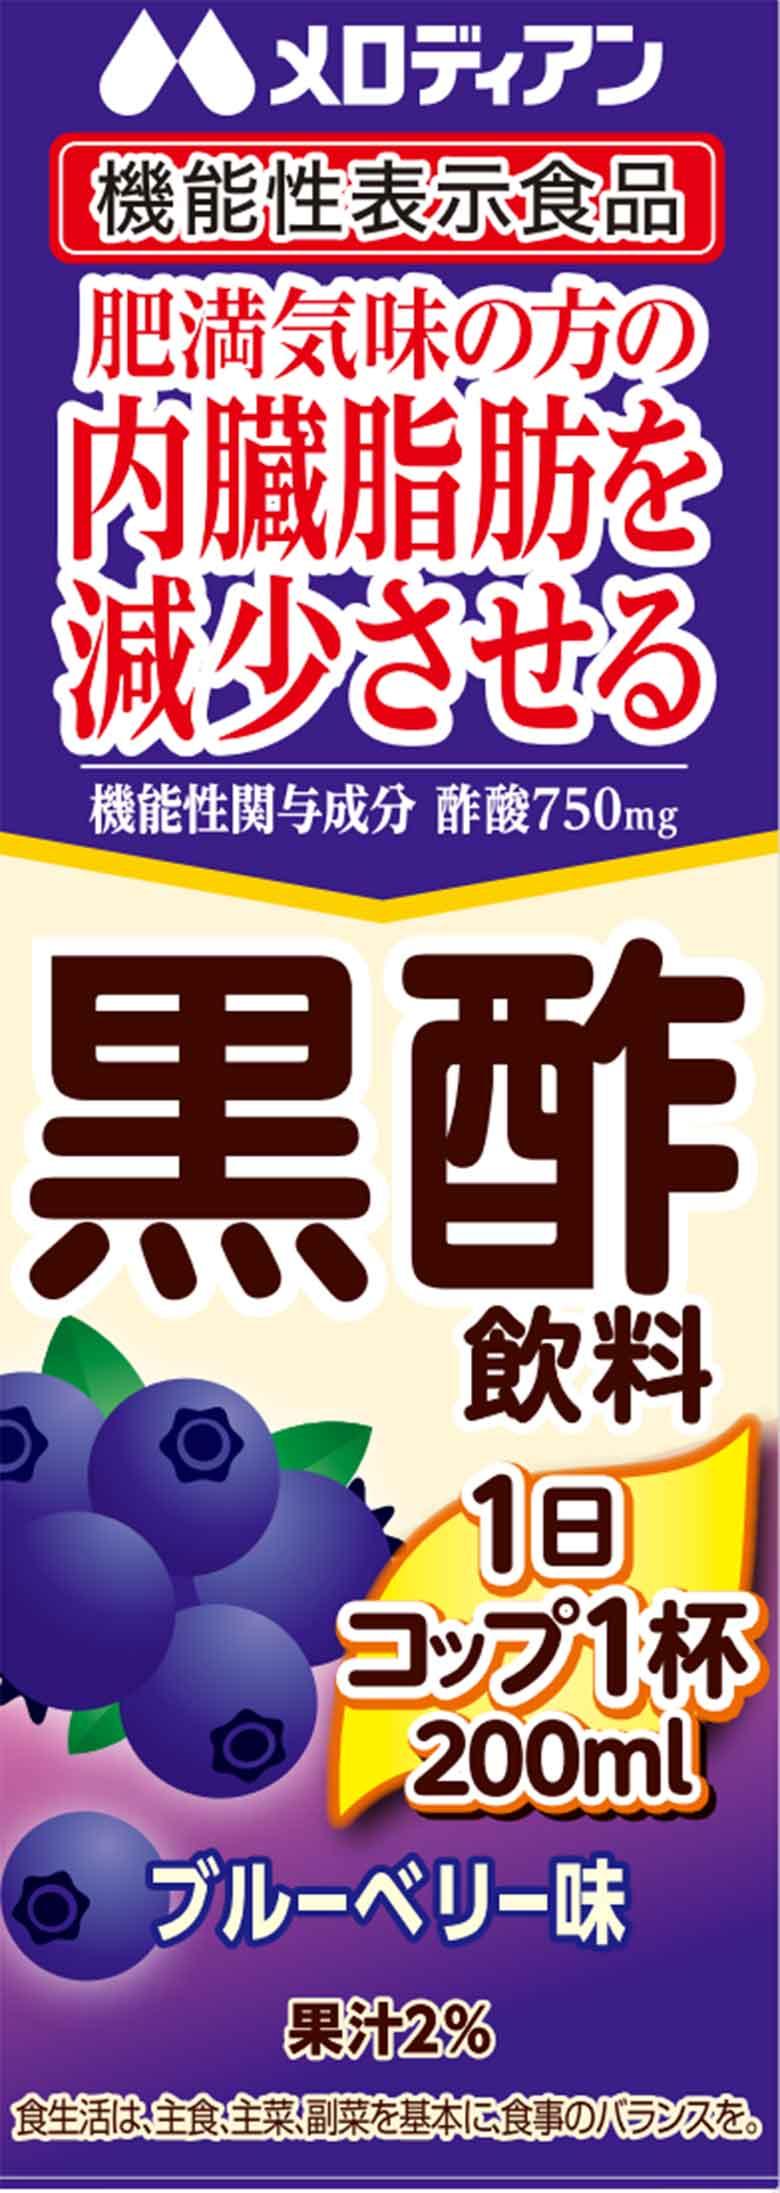 黒酢飲料 ブルーベリー味 果汁2%